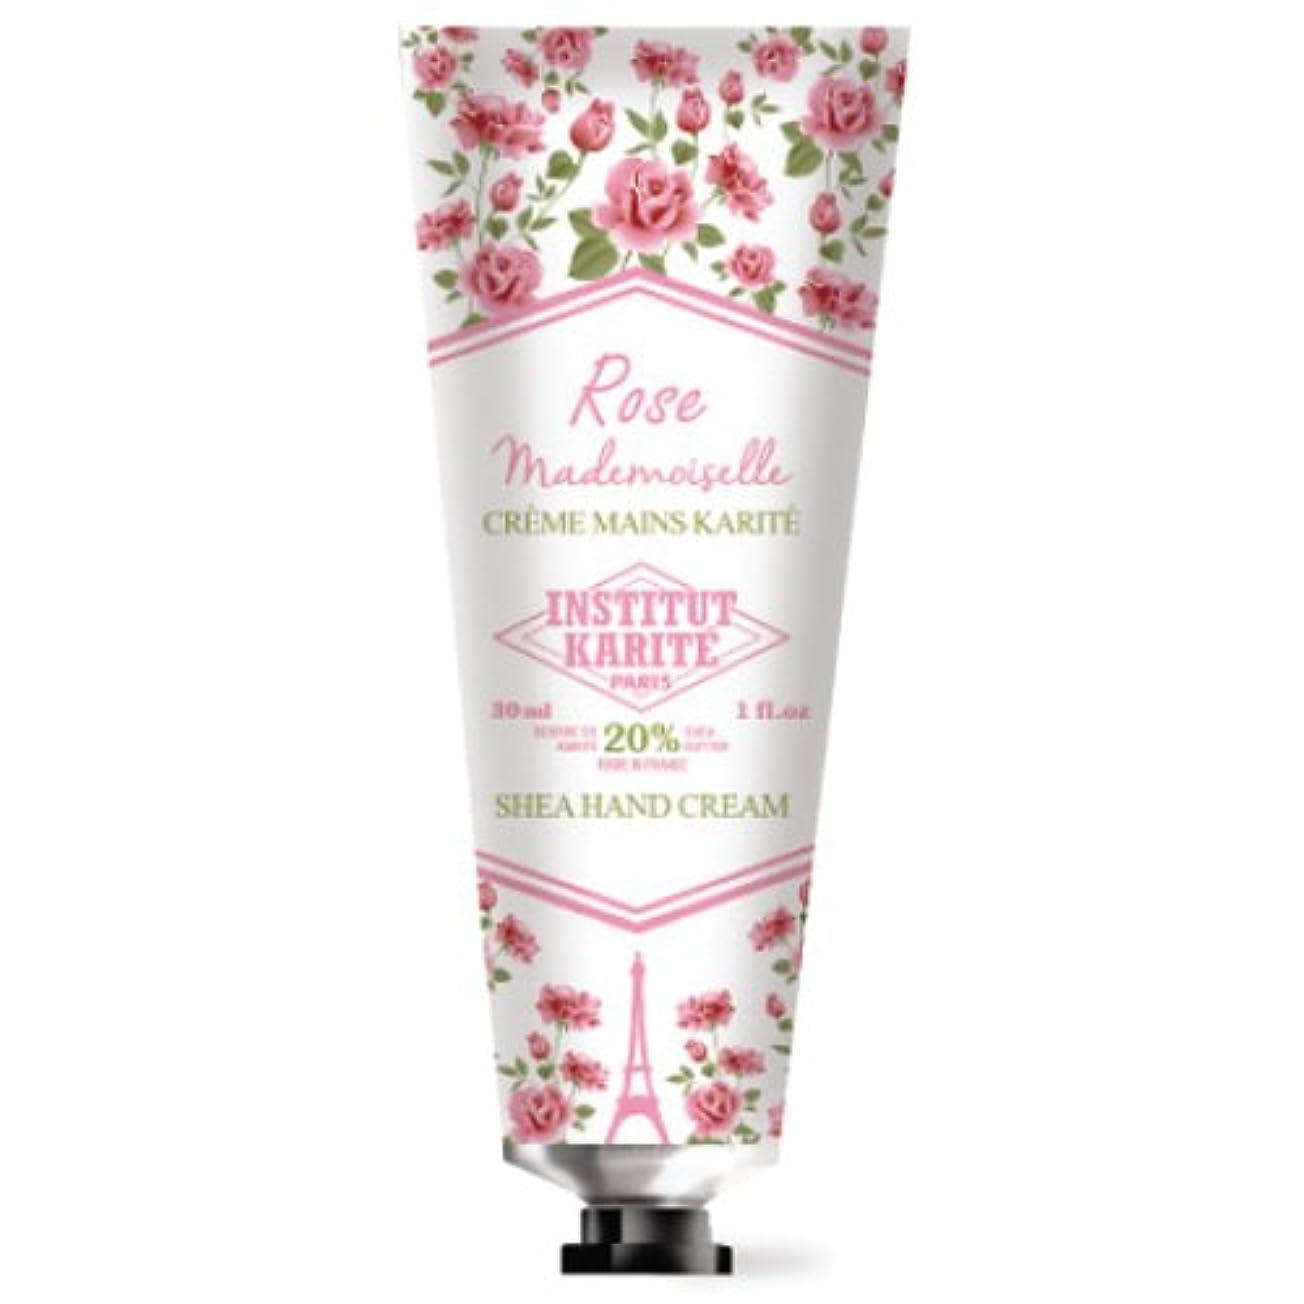 適度な拍手するブルジョンINSTITUT KARITE カリテ Rose Mademoiselle クラシックローズ ハンドクリーム 30ml